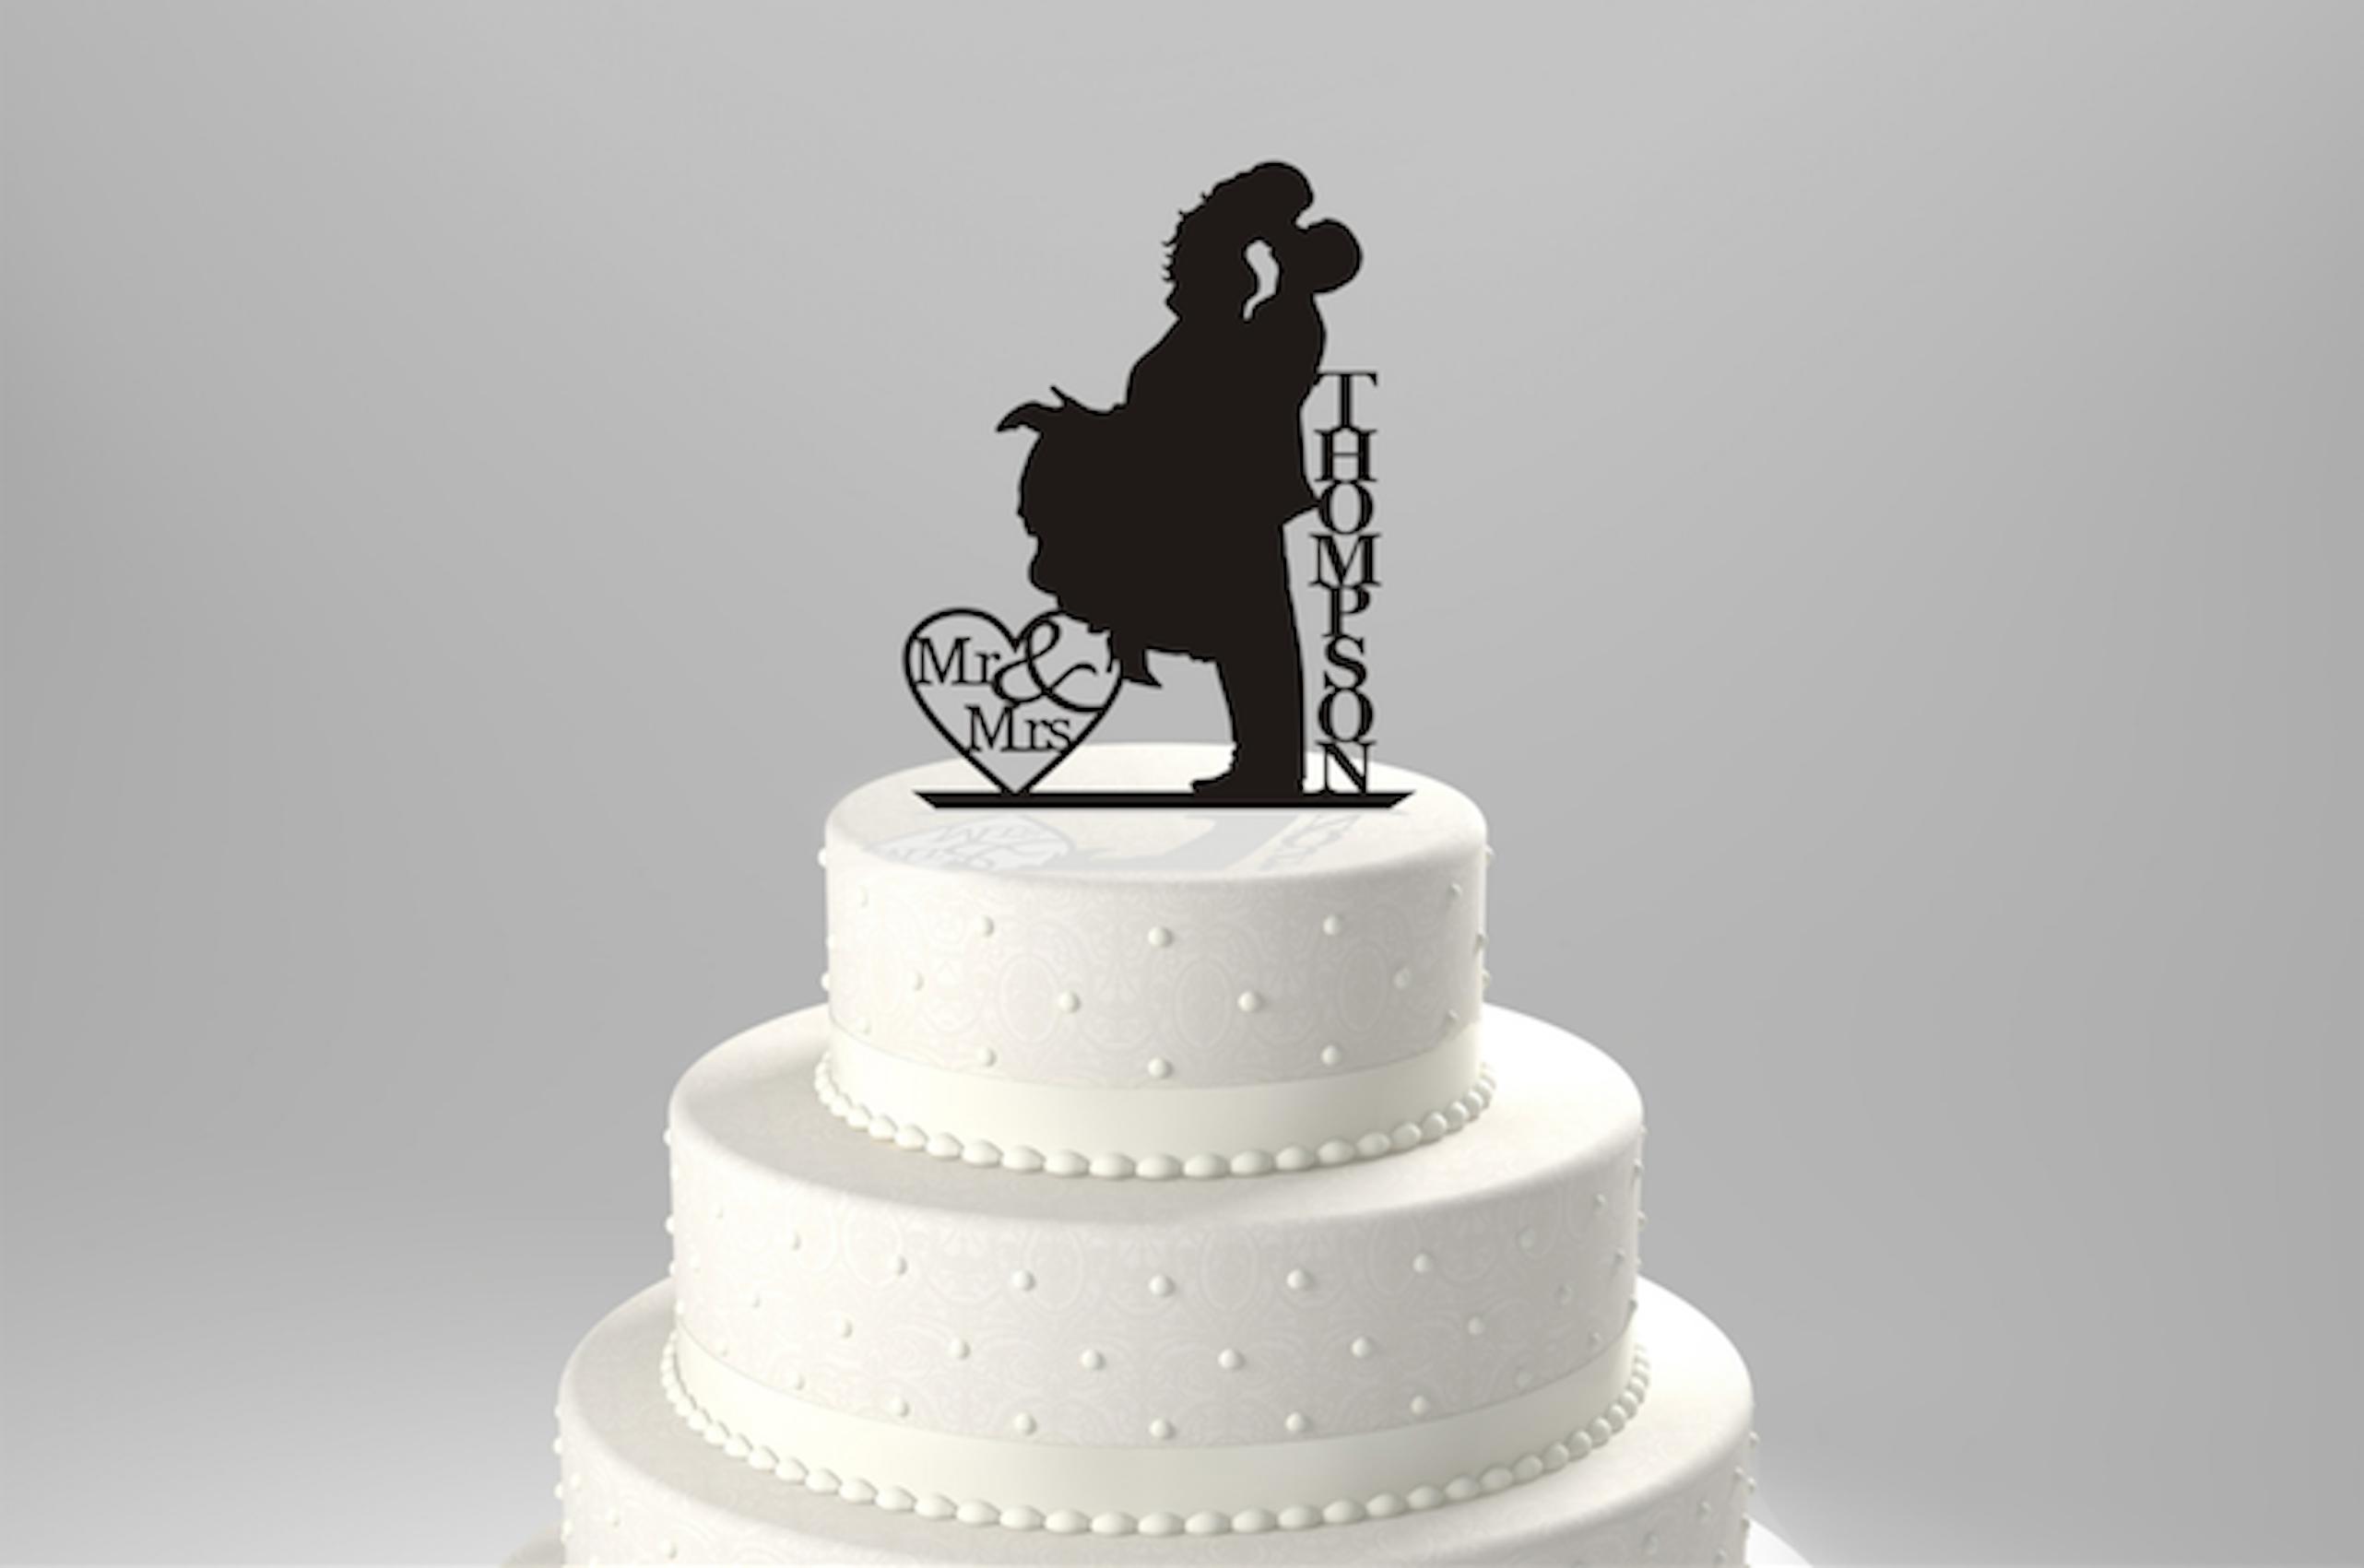 Cake topper nuove idee e decorazioni per la torta nuziale for Decorazioni nuziali